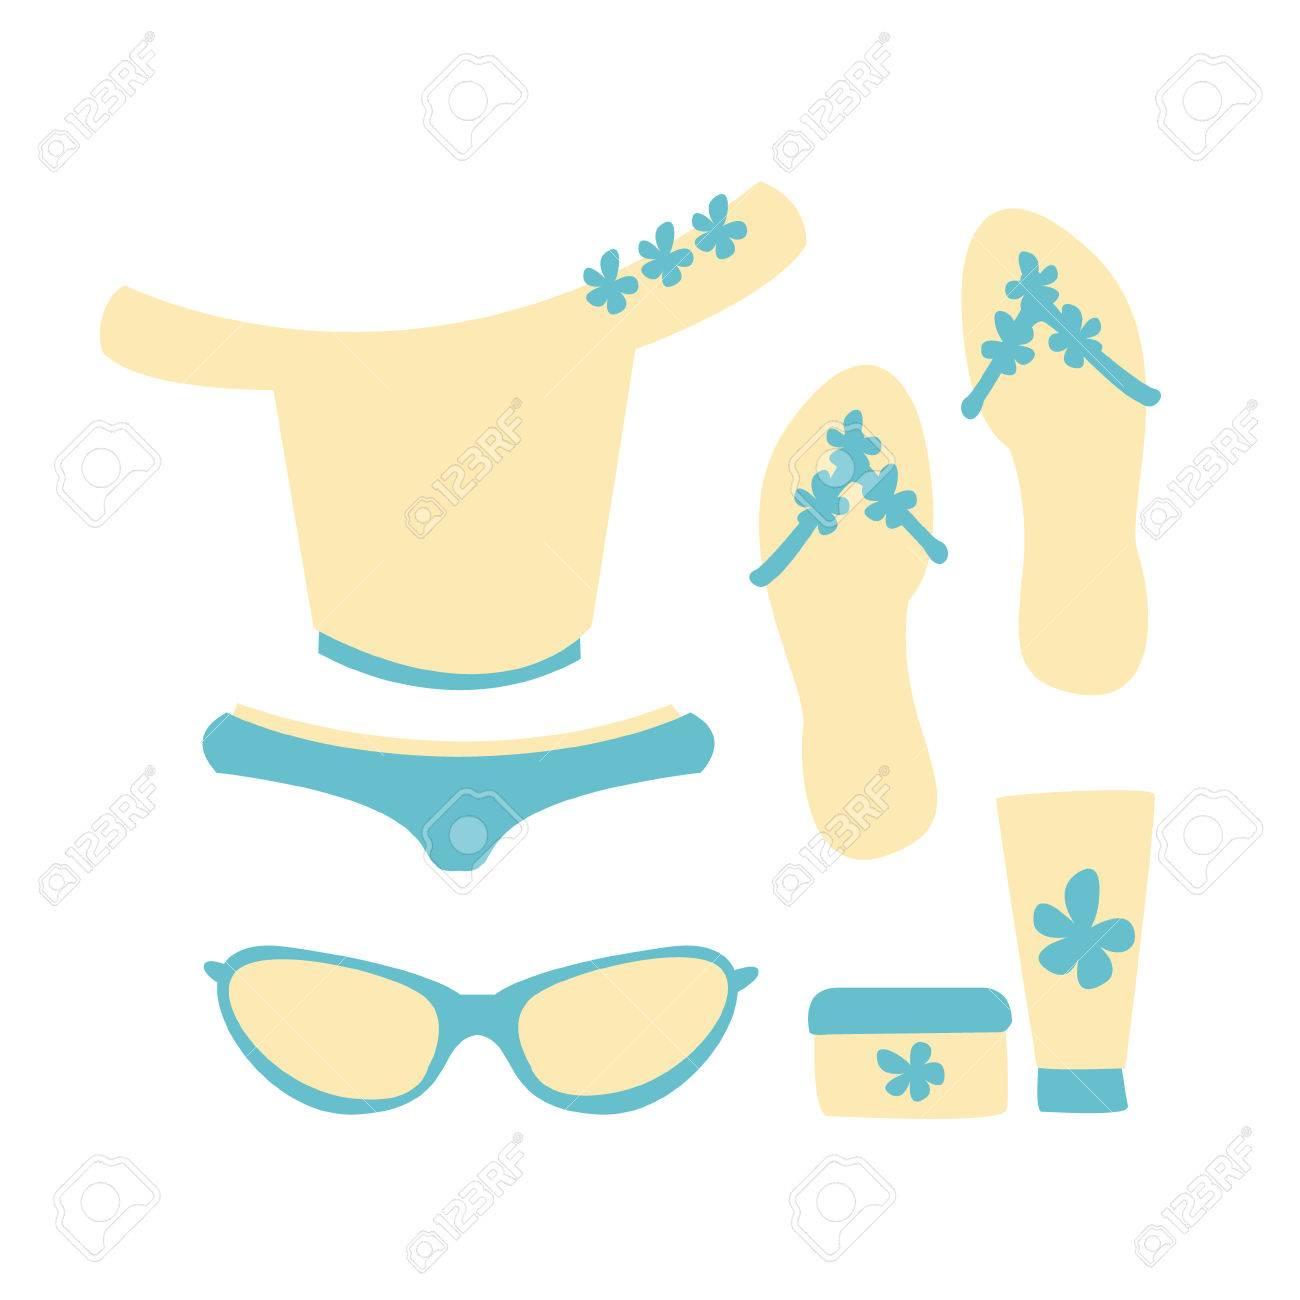 Banque d\u0027images , Maillot de bain avec accessoires de plage dans les  couleurs blanc et bleu. Vacances à la plage et protection solaire.